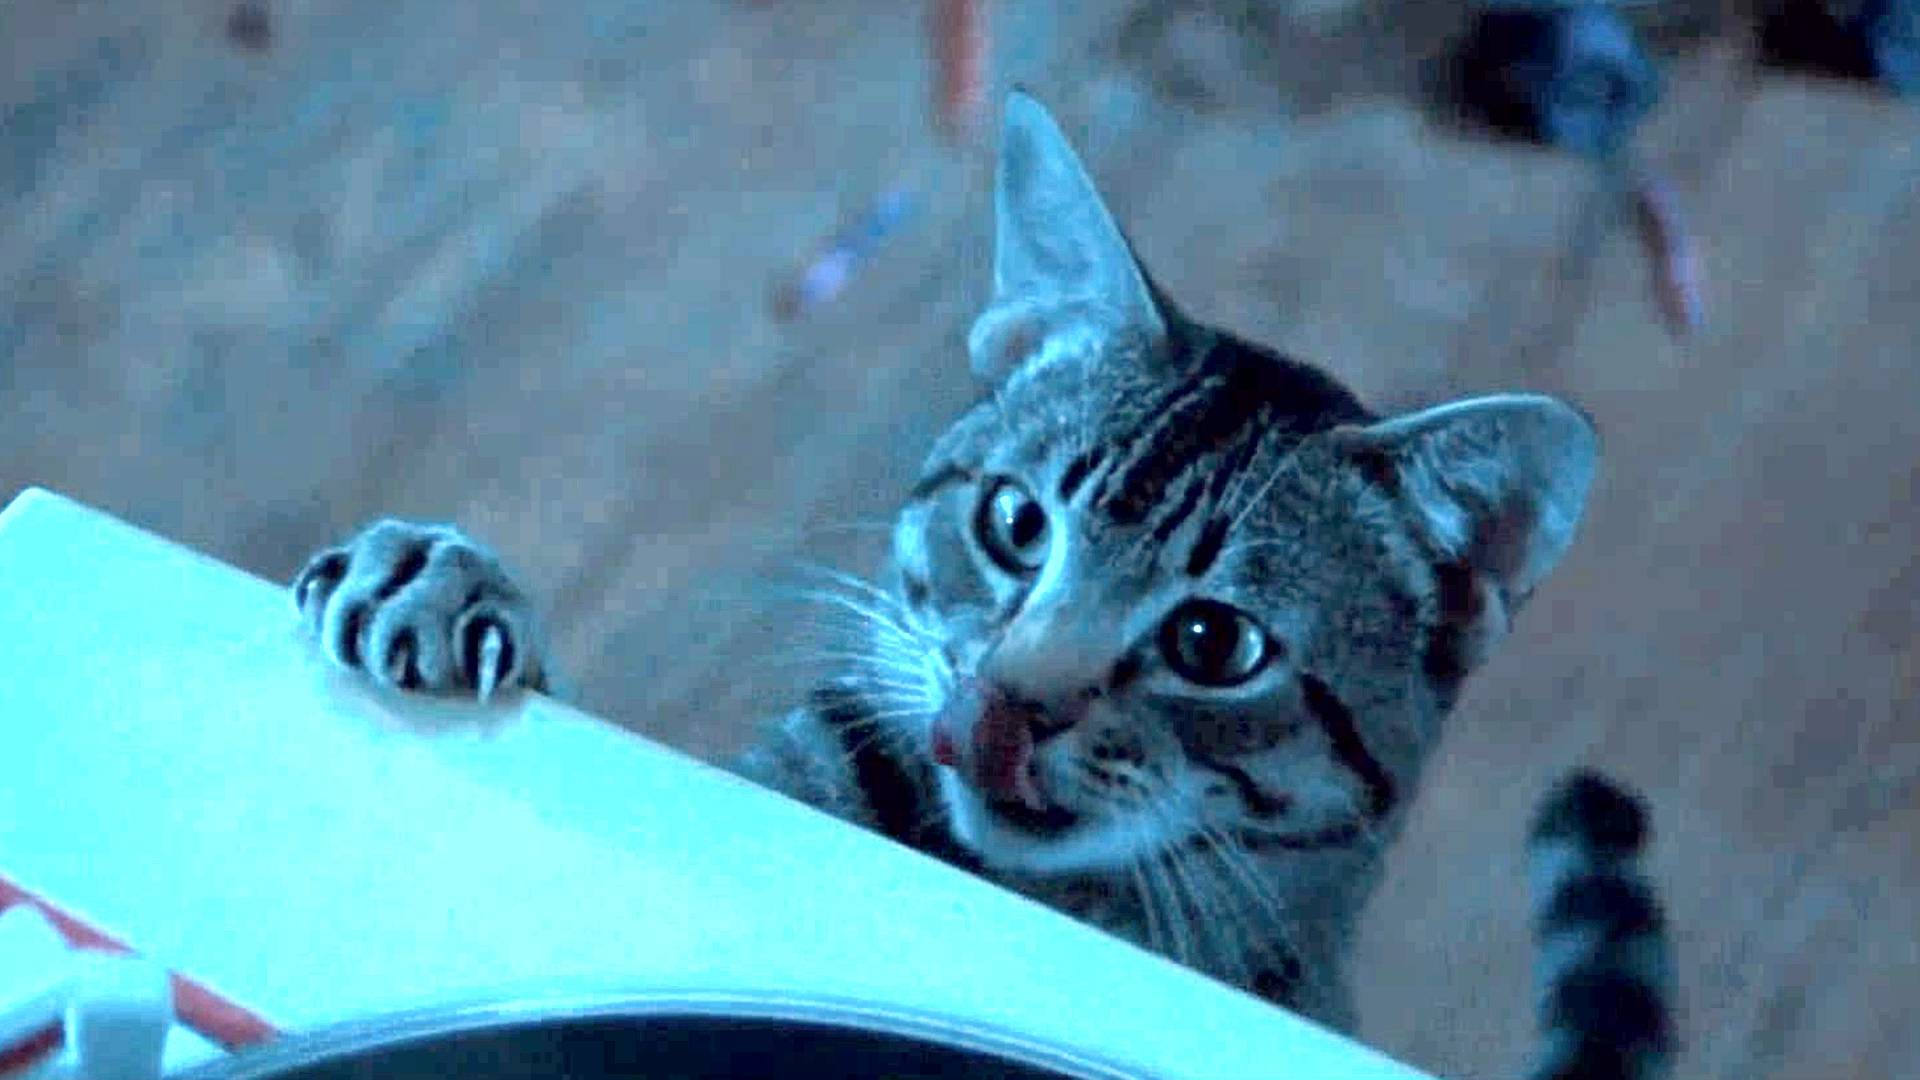 奇幻片:女孩阳寿已尽却依然活着,原来她养的猫,每晚与死神决斗